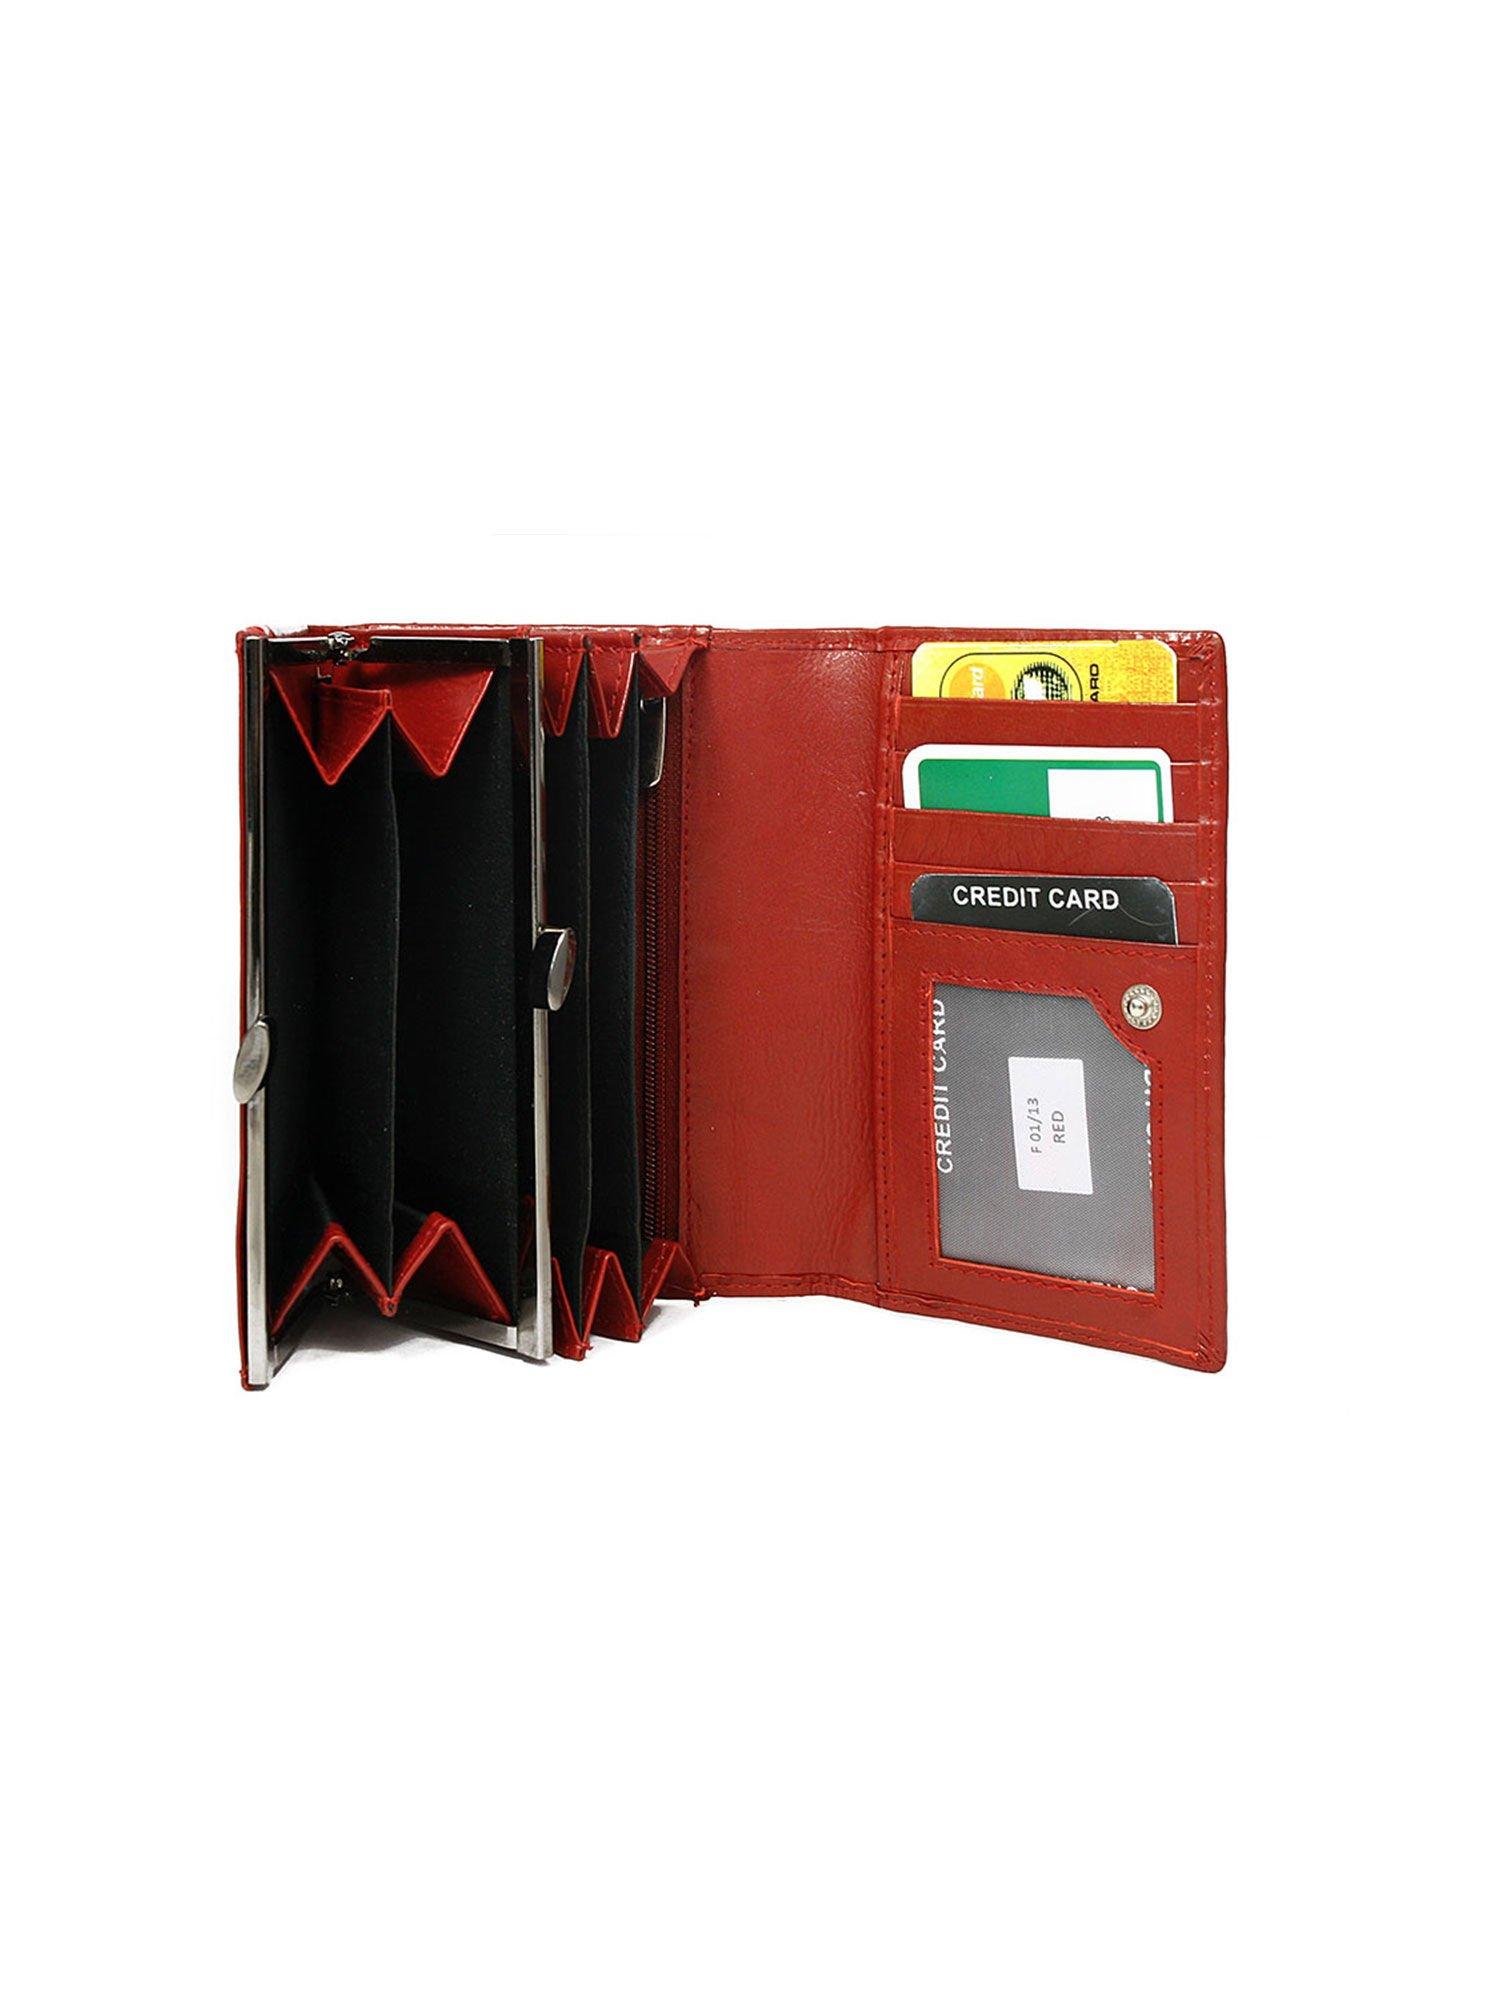 a1e32928d9e50 Skórzany czerwony portfel damski poziomy - Akcesoria portfele ...